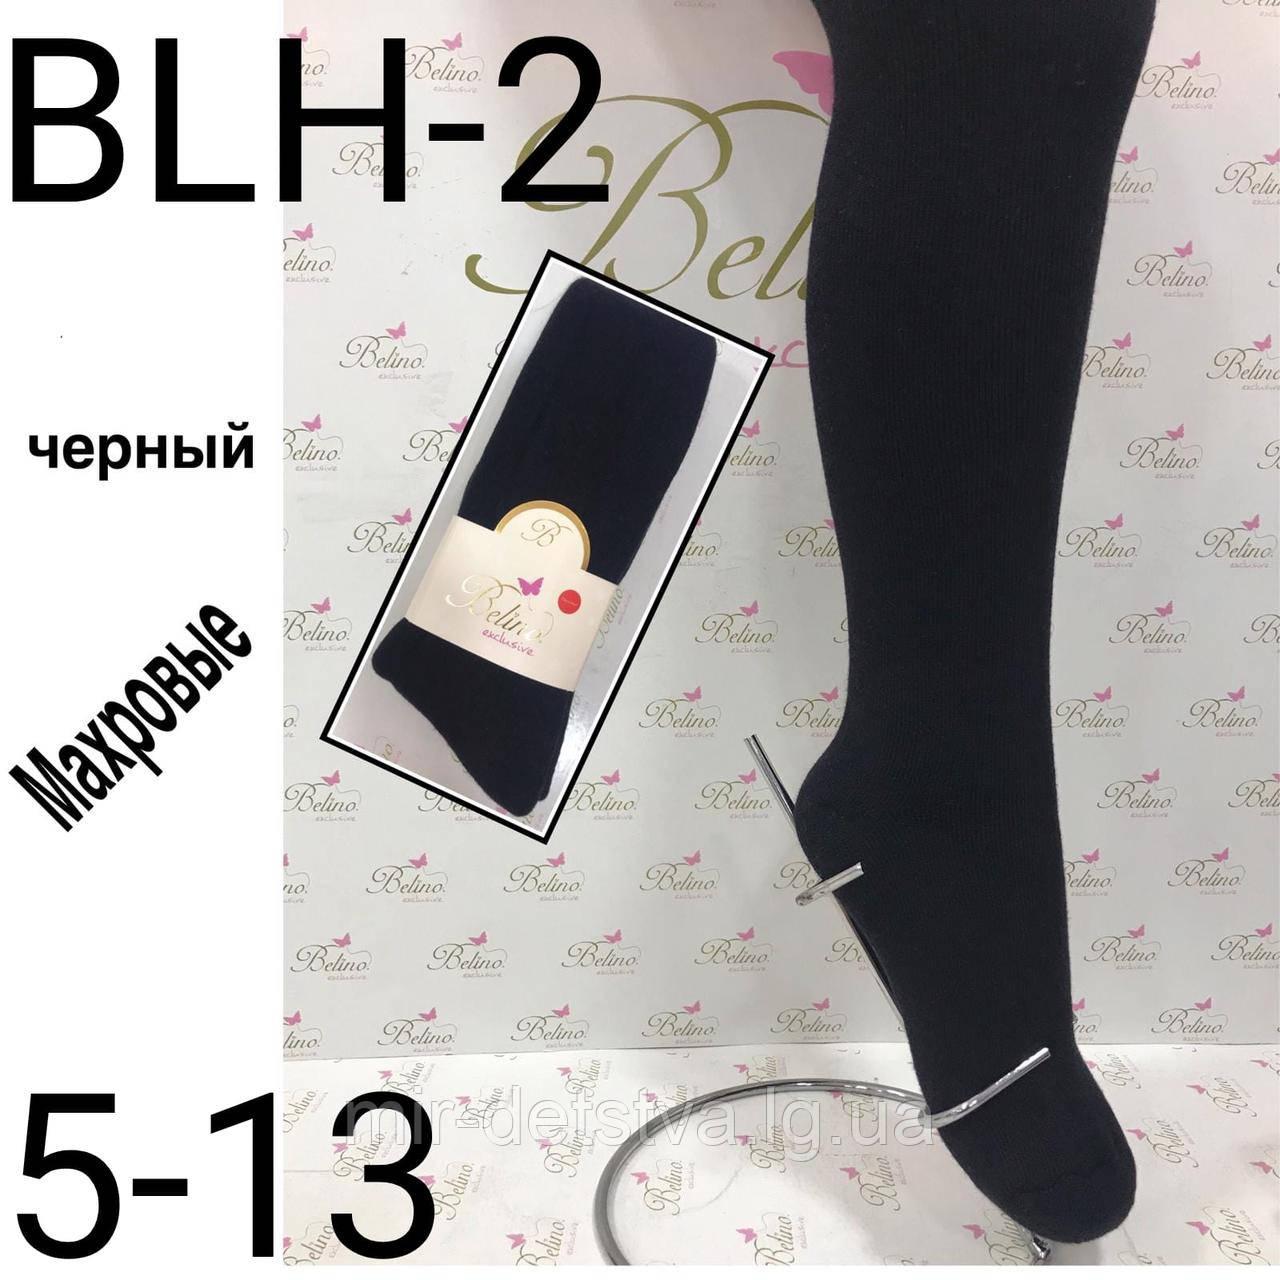 Черные махровые колготки для девочек оптом, Турция ТМ Belino р.11-12 лет (146-152 см)